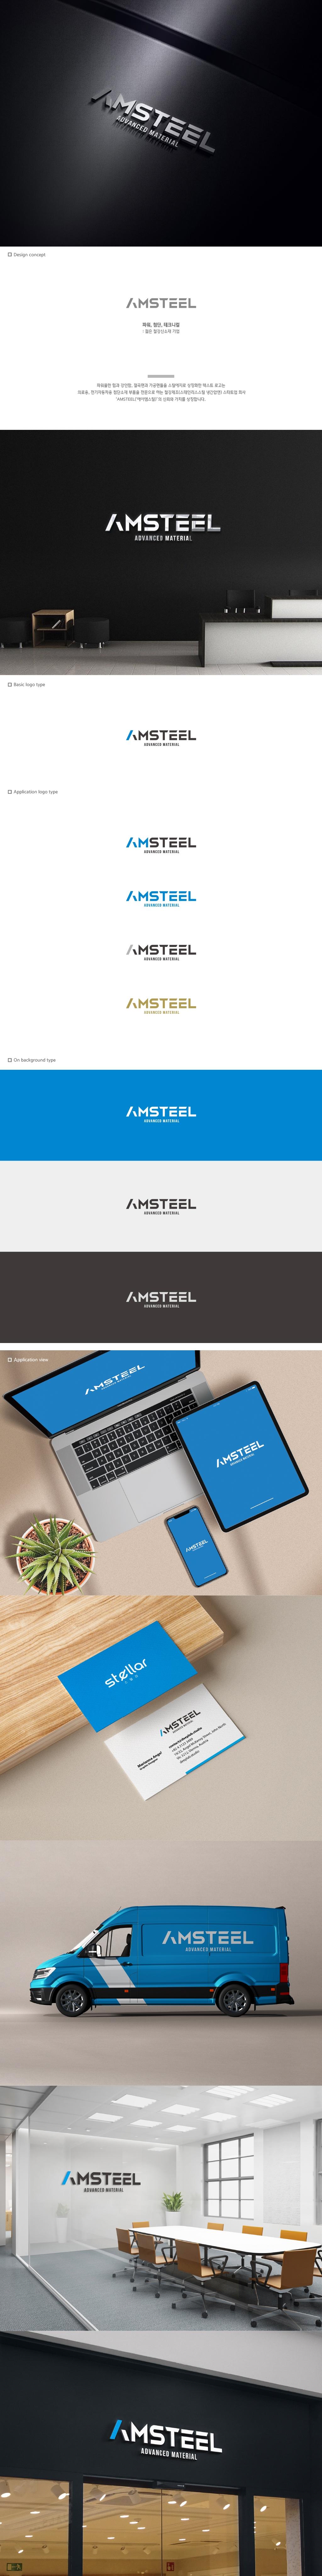 로고+명함 디자인   에이엠스틸(주) 로고디자인 의뢰   라우드소싱 포트폴리오